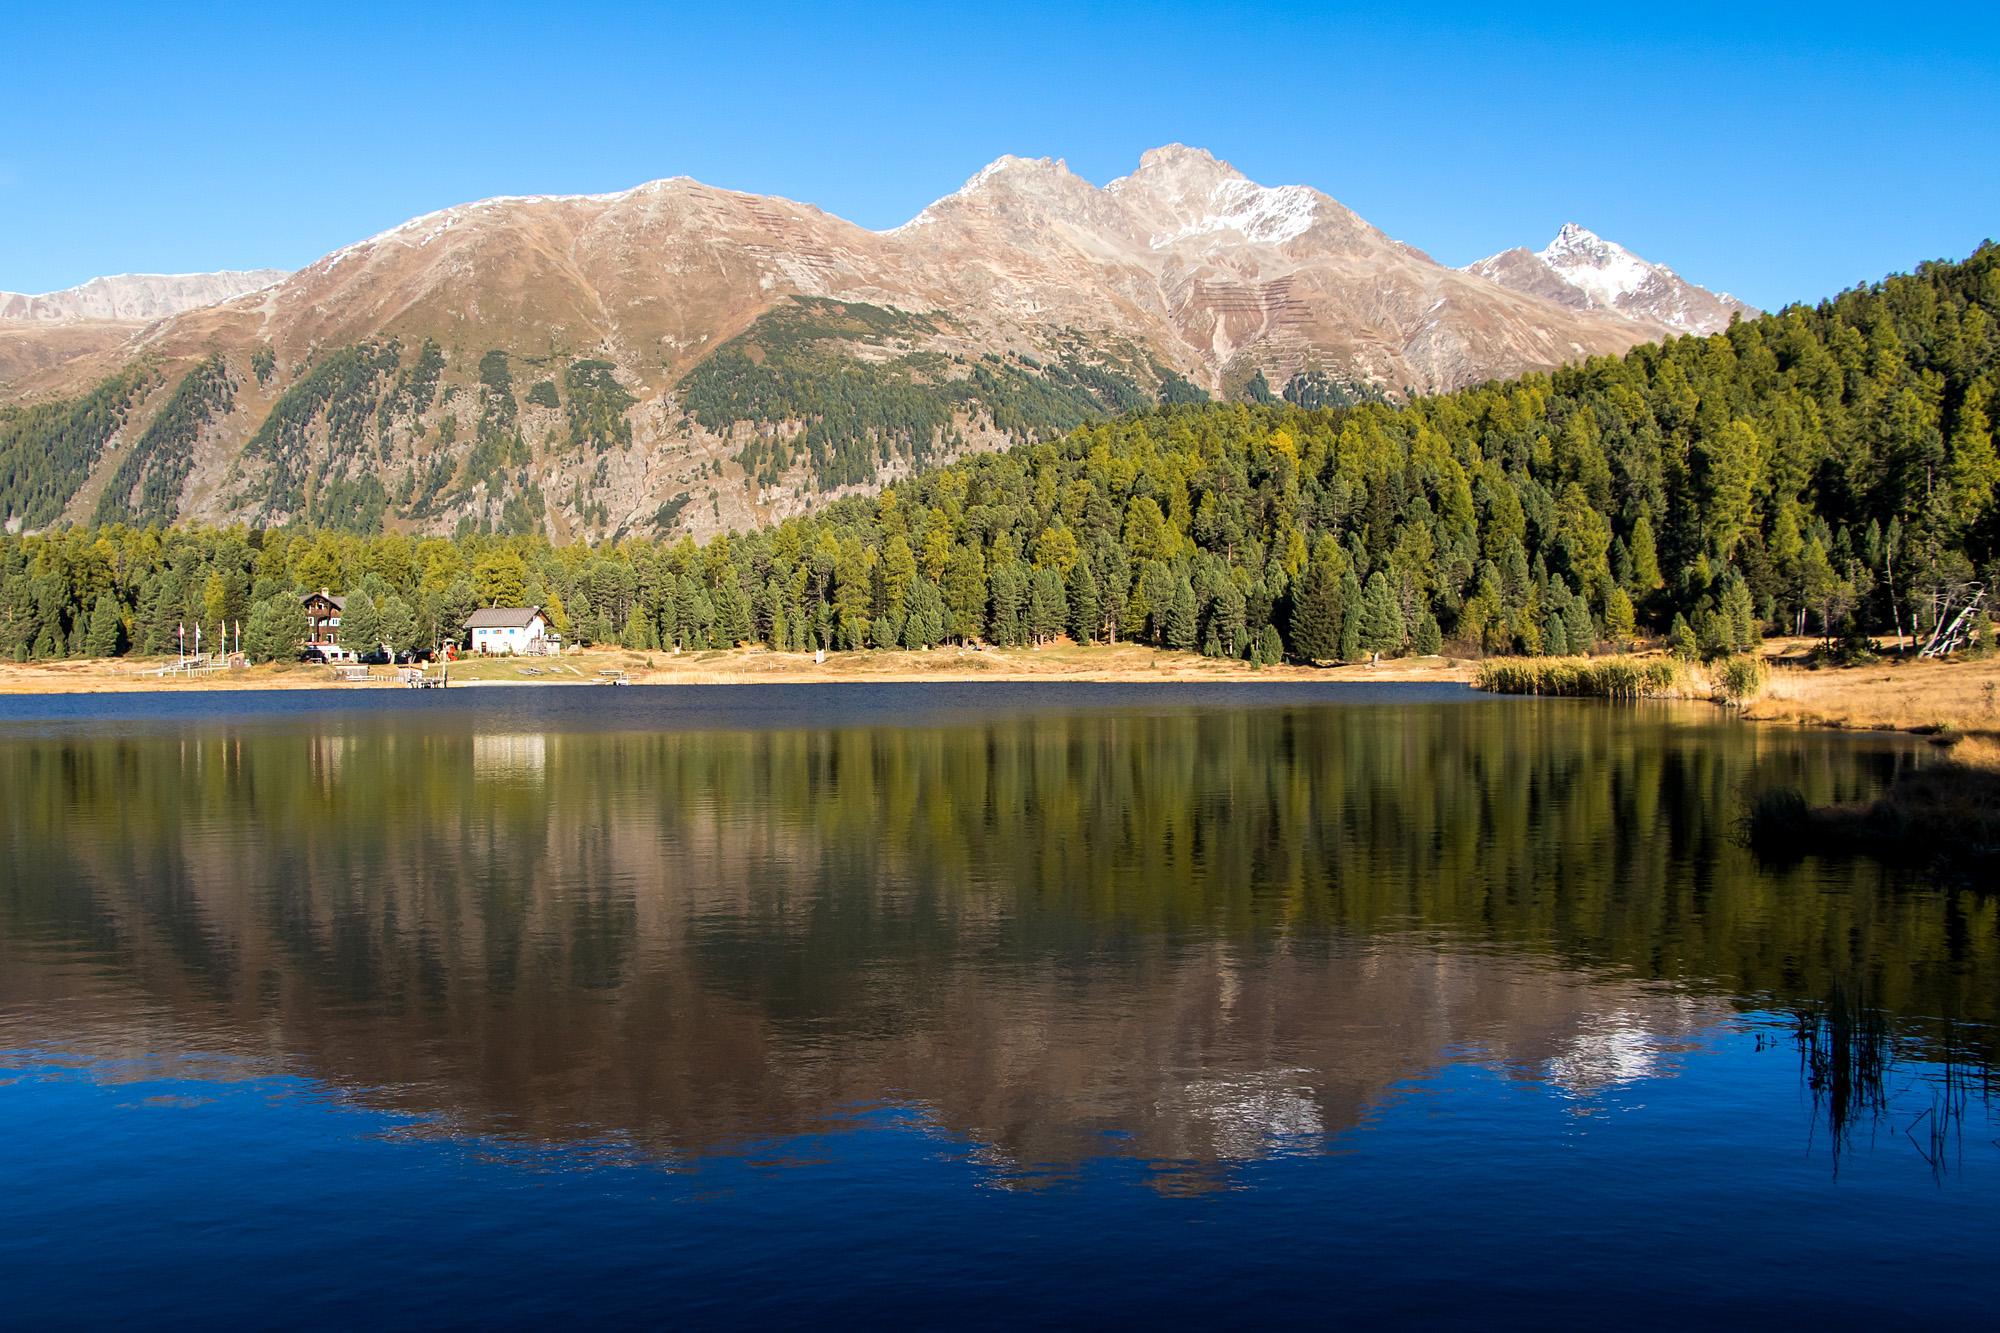 Ein erhabener Anblick: Der Lej da Staz bei St. Moritz (GR) in der Abendsonne!